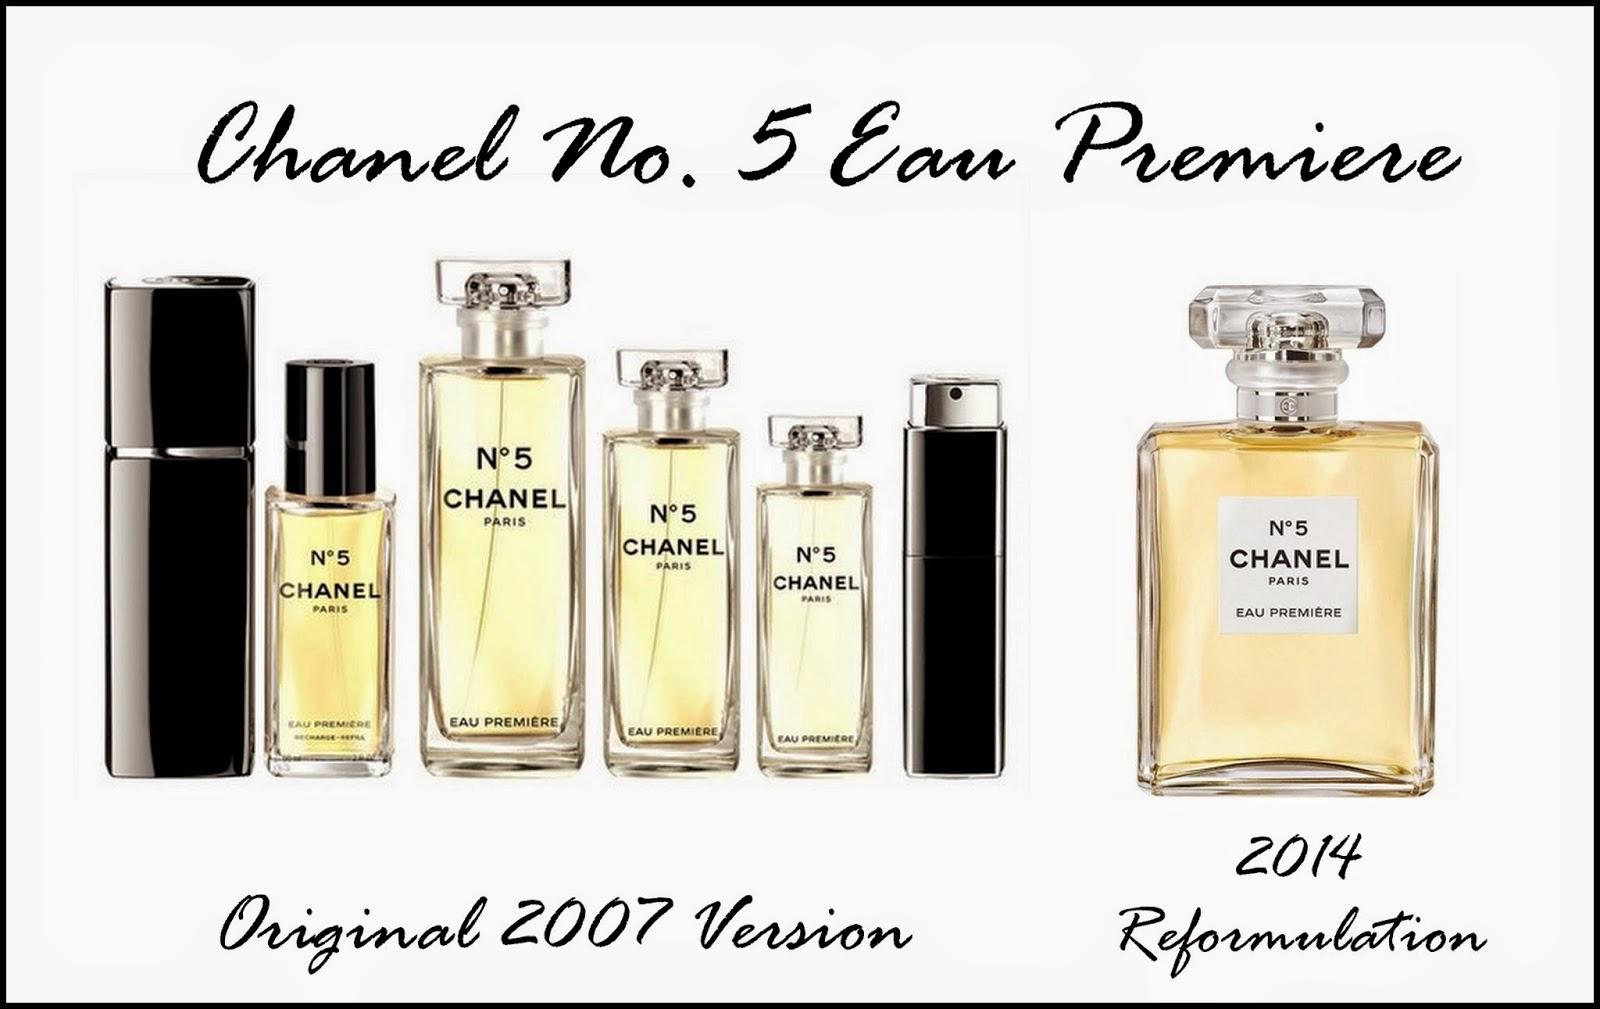 Chanel Perfume Bottles December 2014